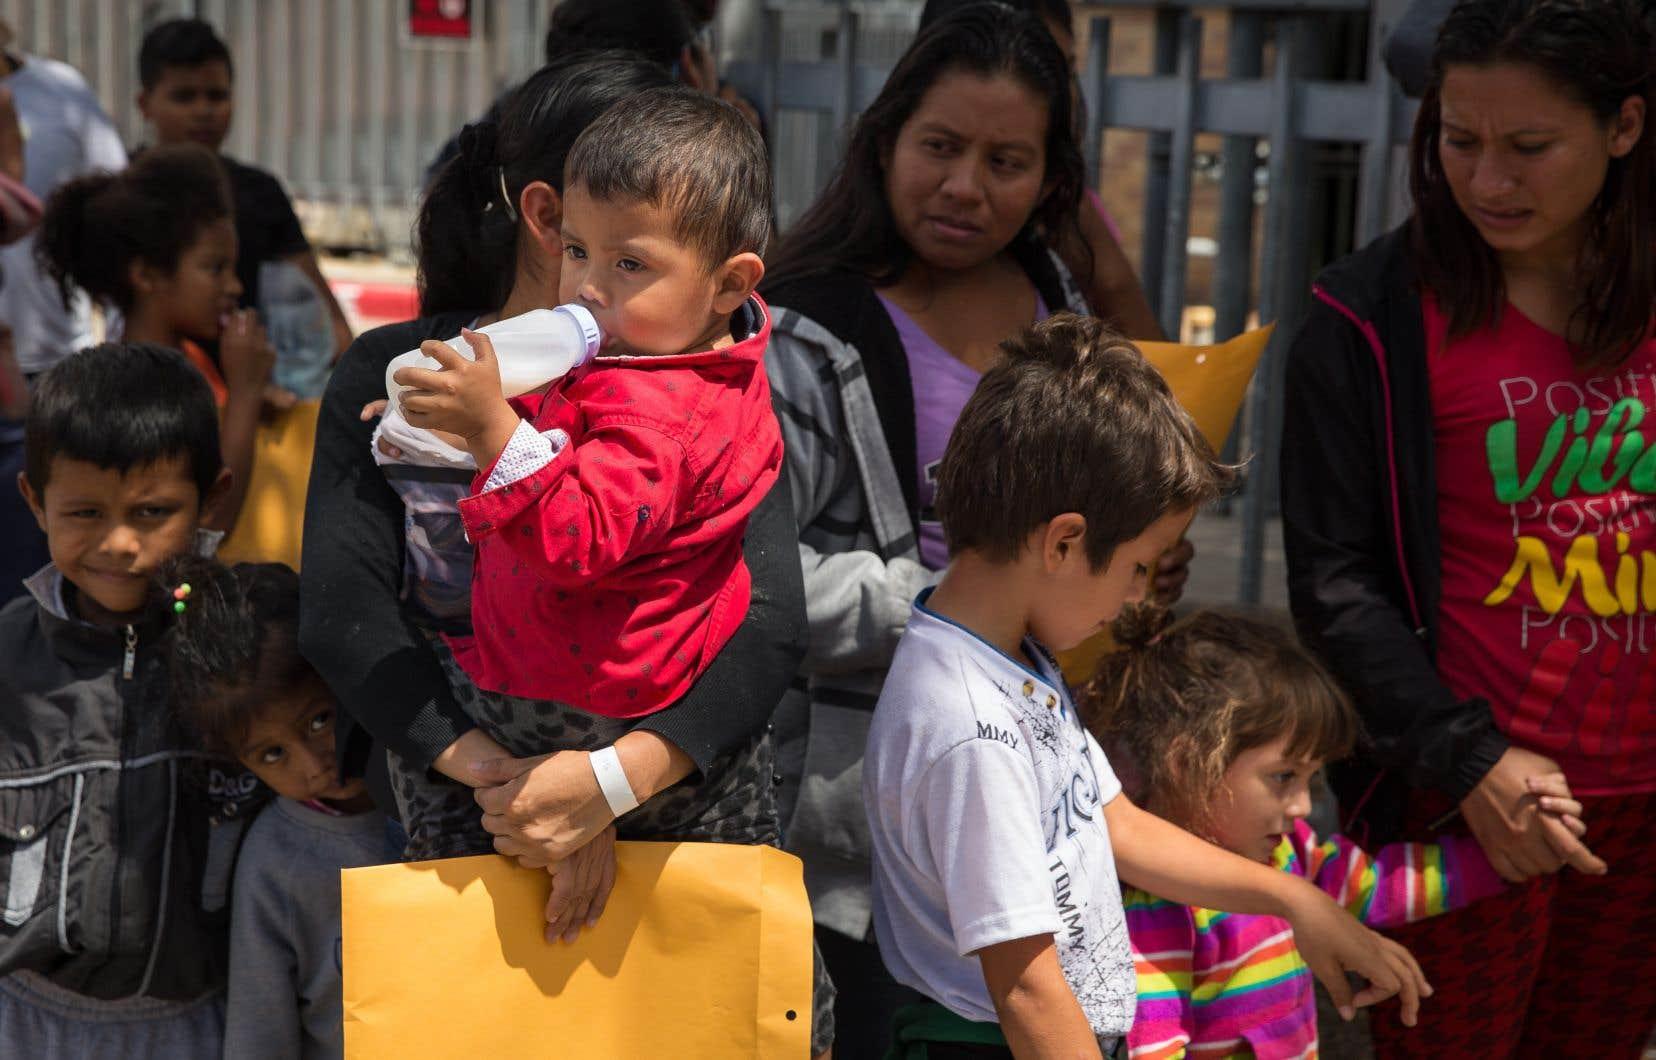 Des immigrants se dirigent vers un centre de secours peu après leur libération grâce à la politique d'immigration américaine «catch and release», à McAllen, au Texas.